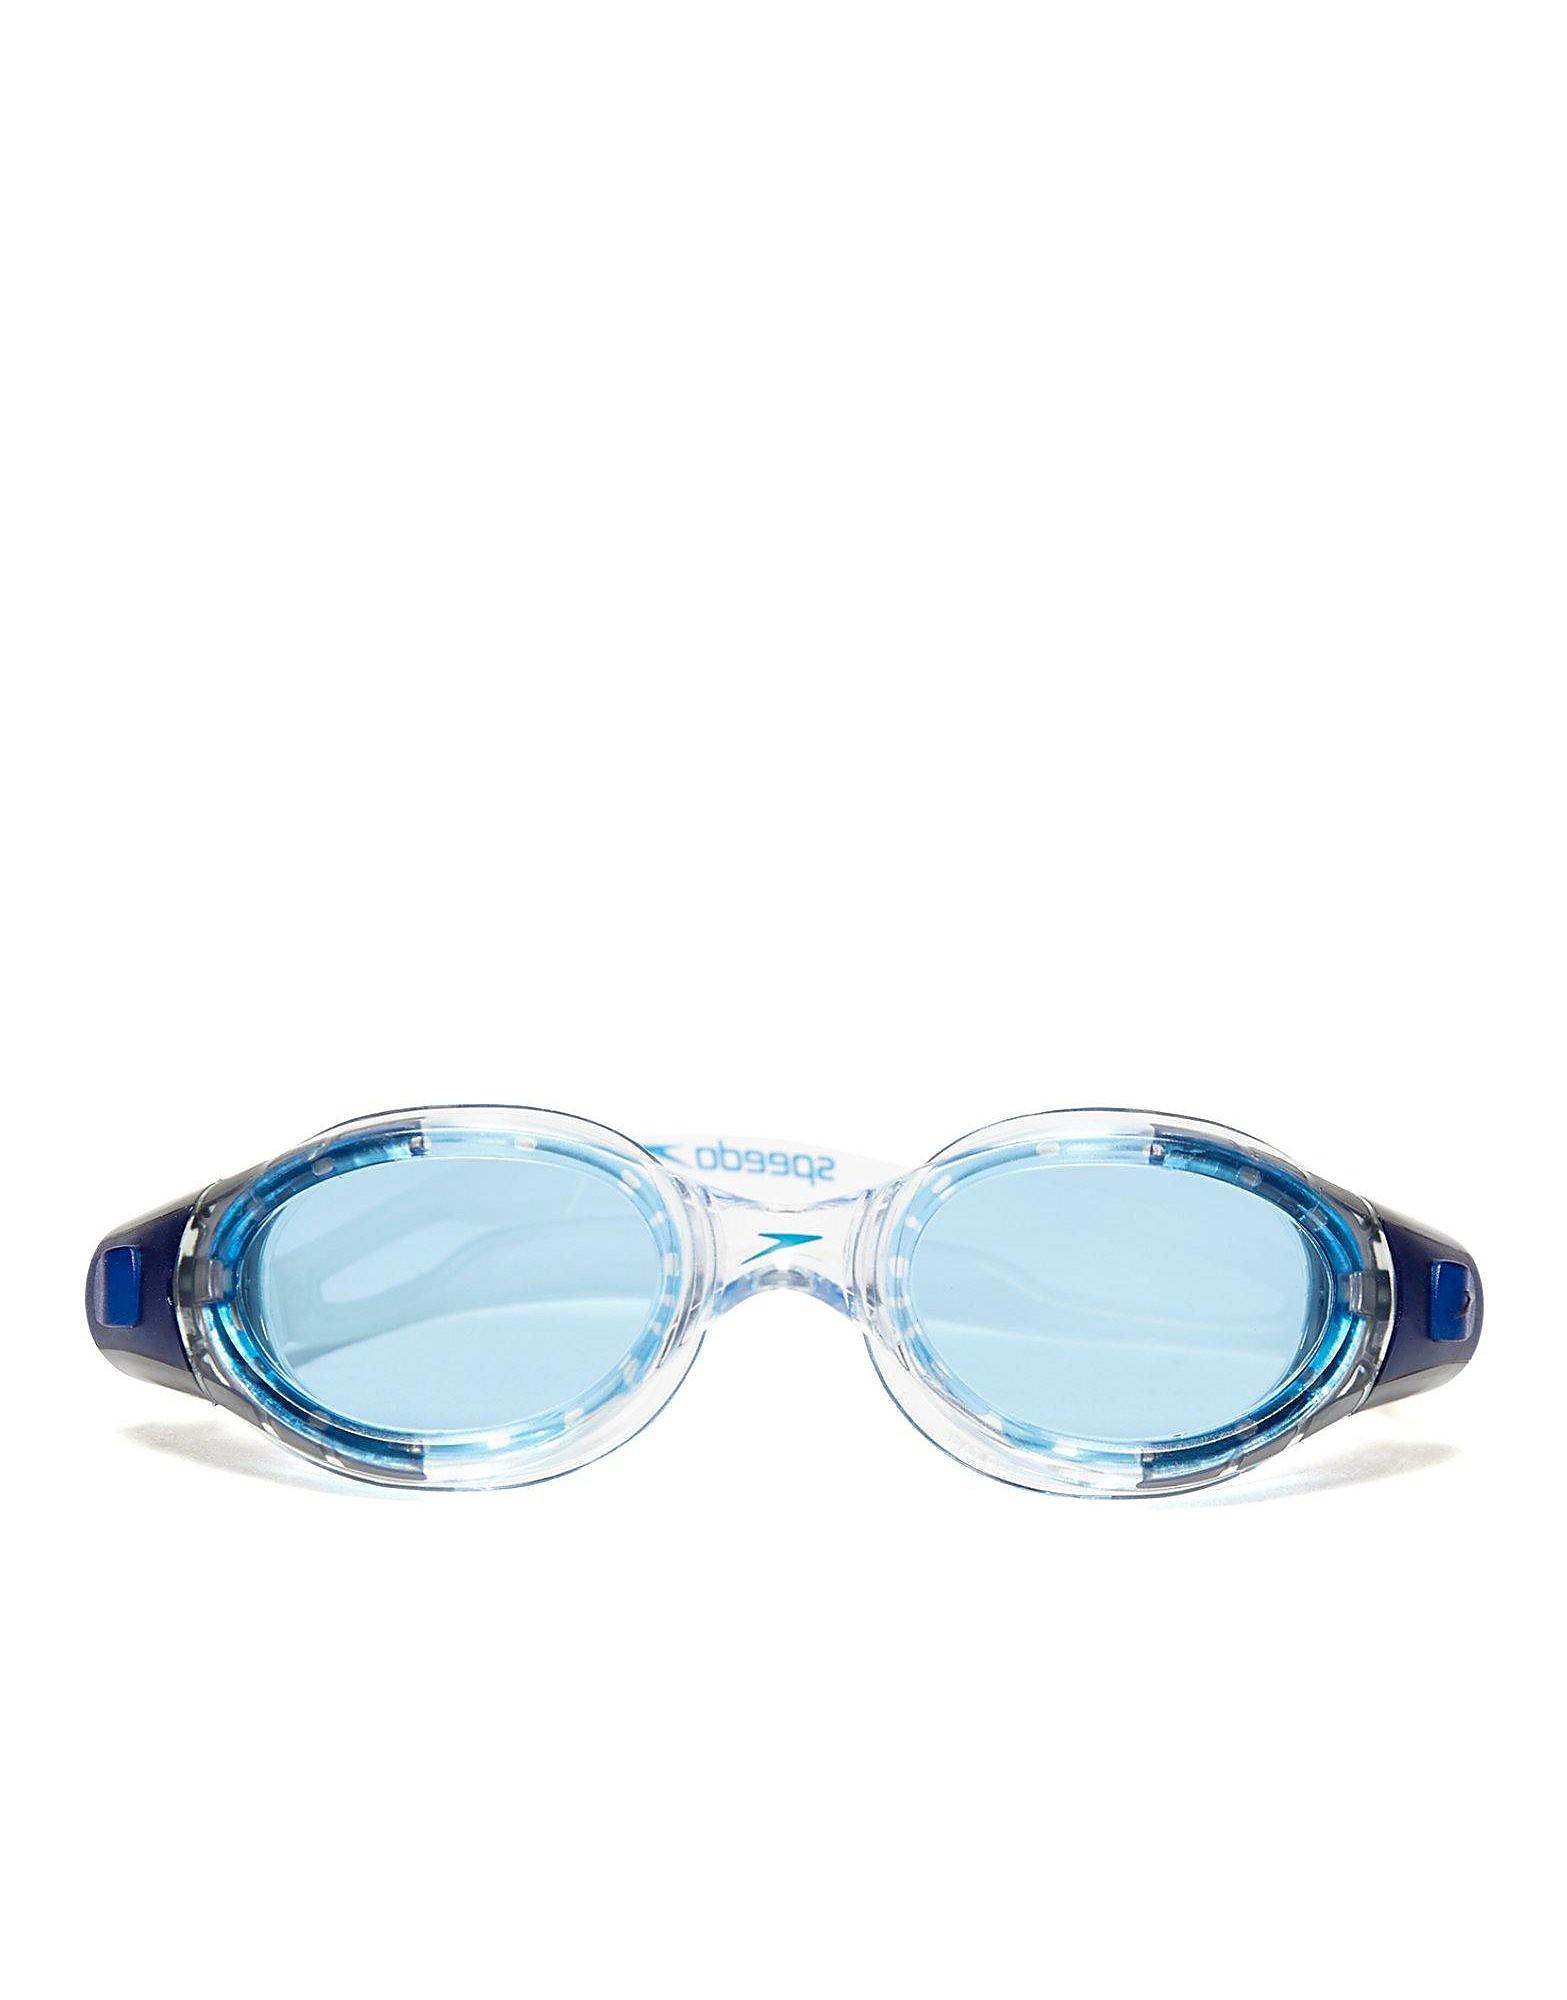 Speedo Futura Biofuse simglasögon